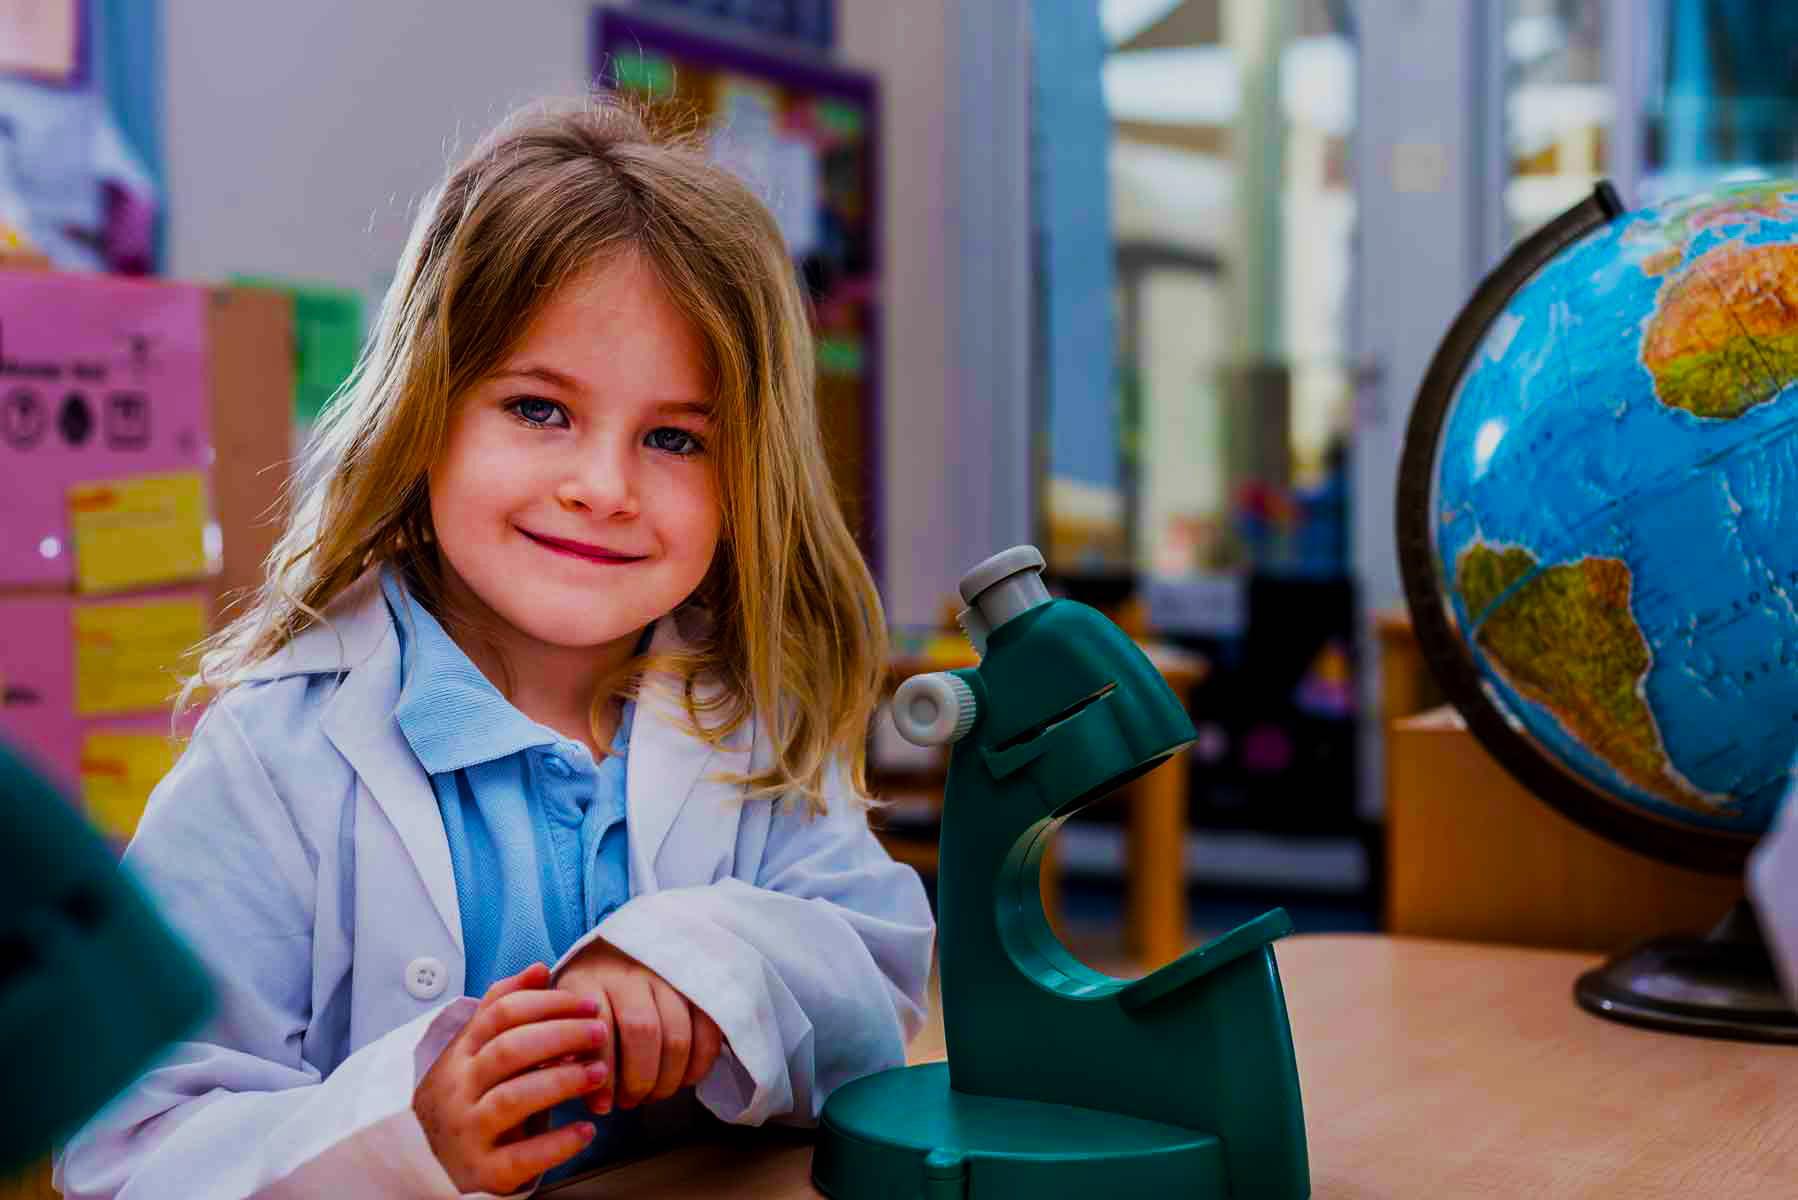 صورة لفتاة صغيرة في مدرسة أبتاون في المختبرات مع ميكروسكوب تبدو سعيدة وملهمة